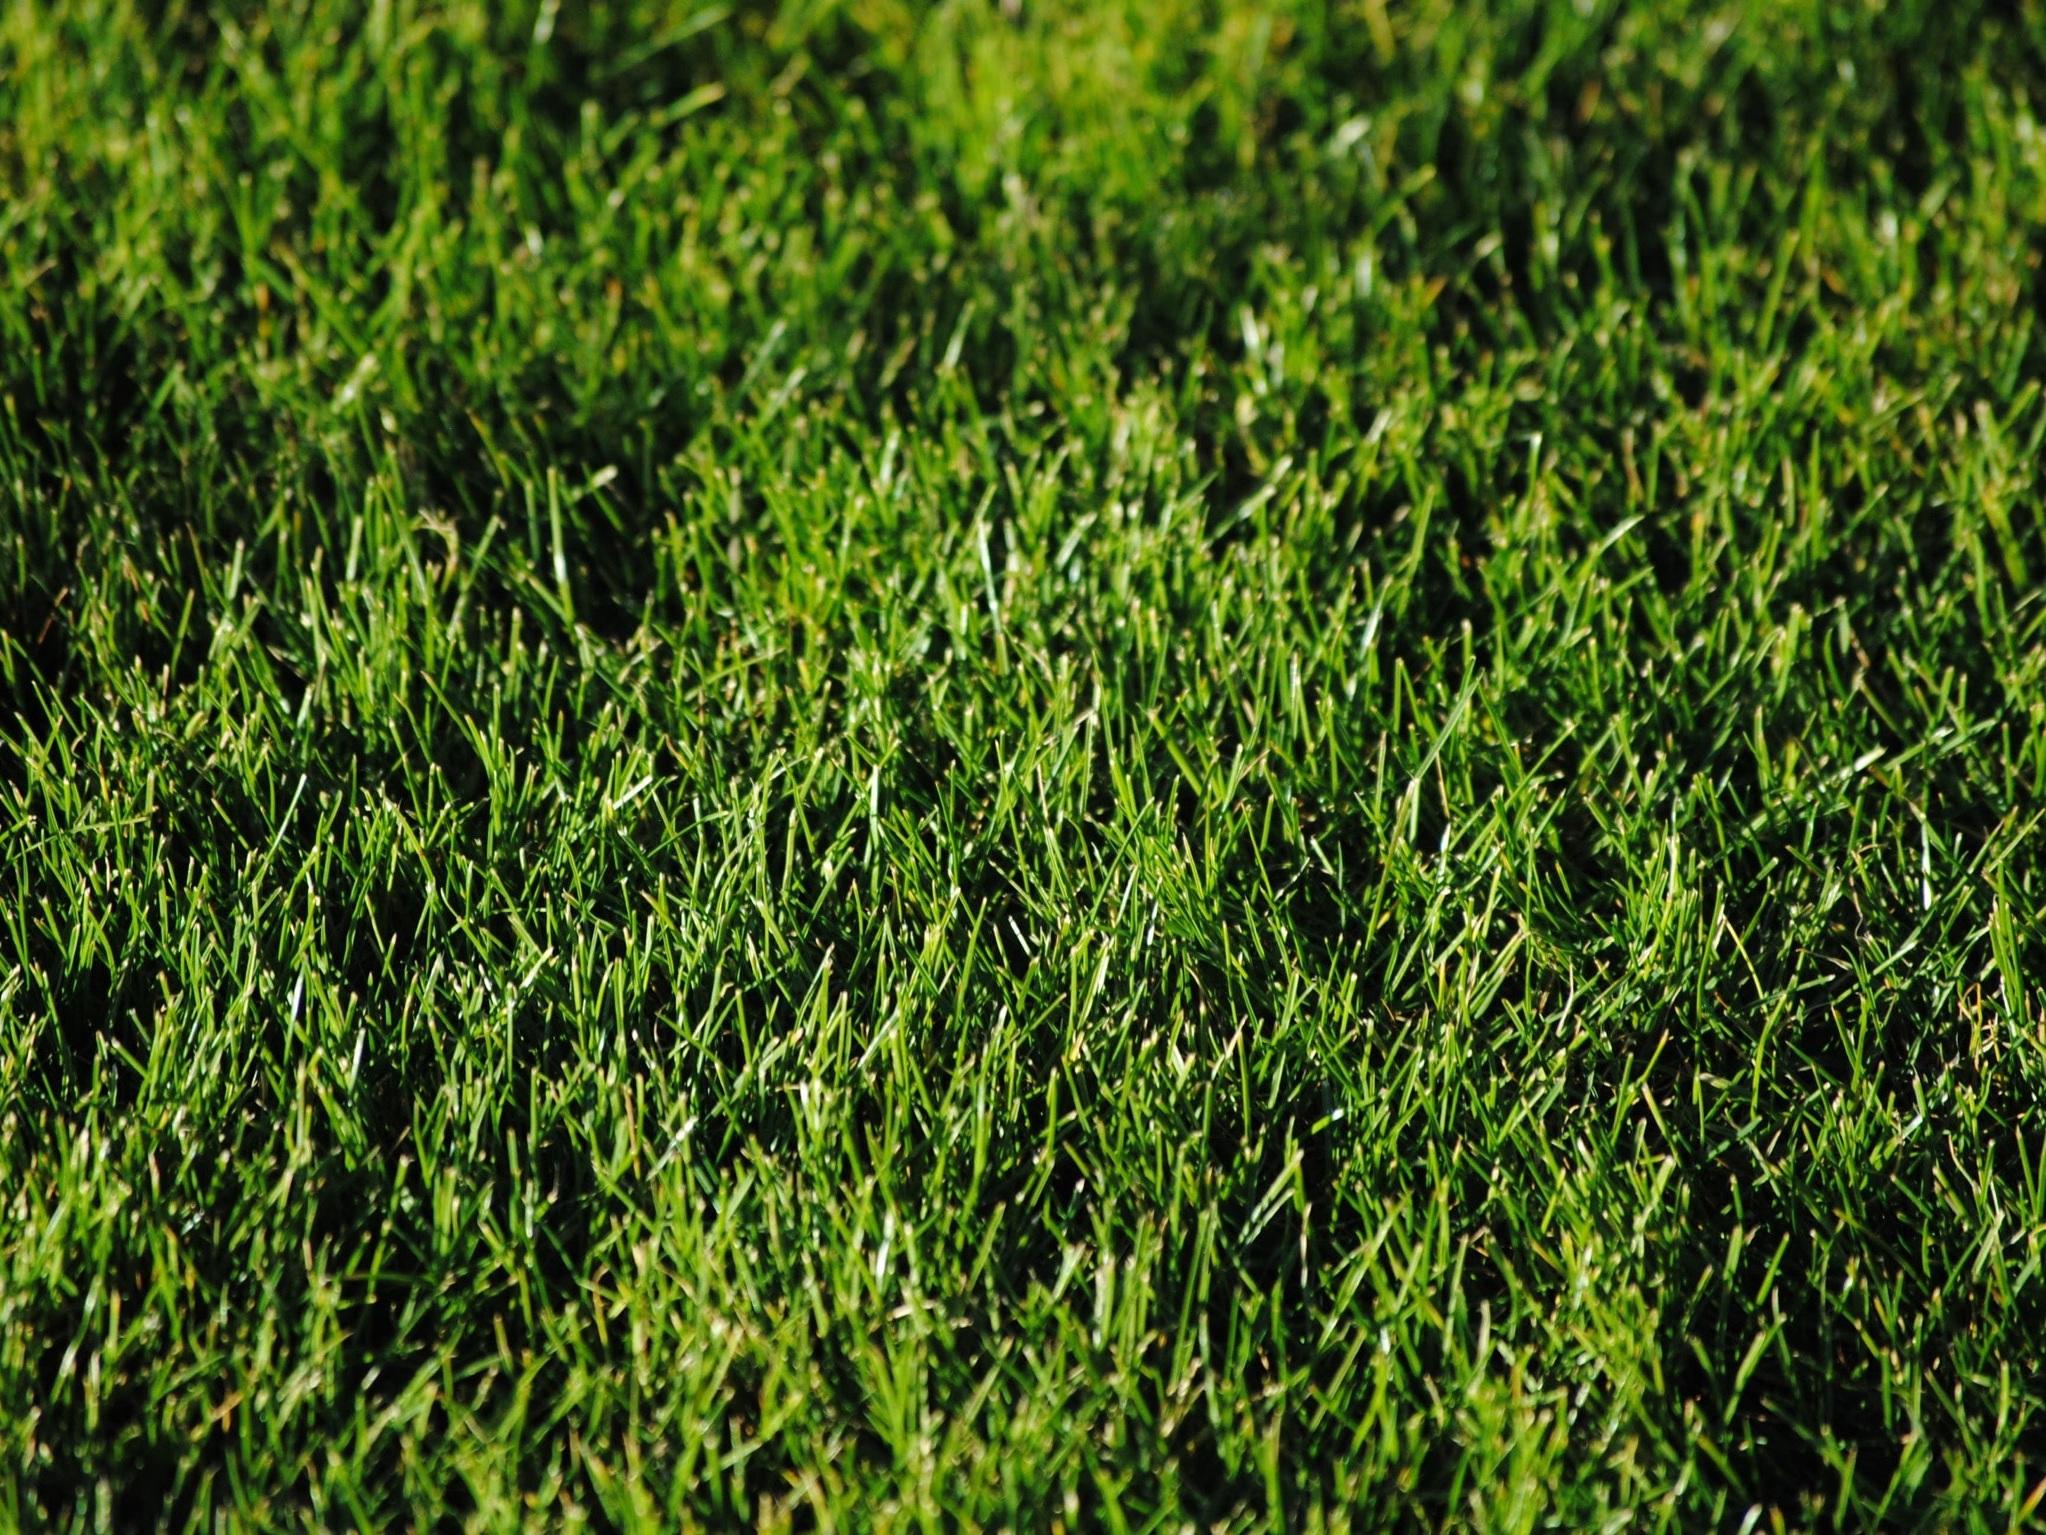 Pleje af ny græsplæne -